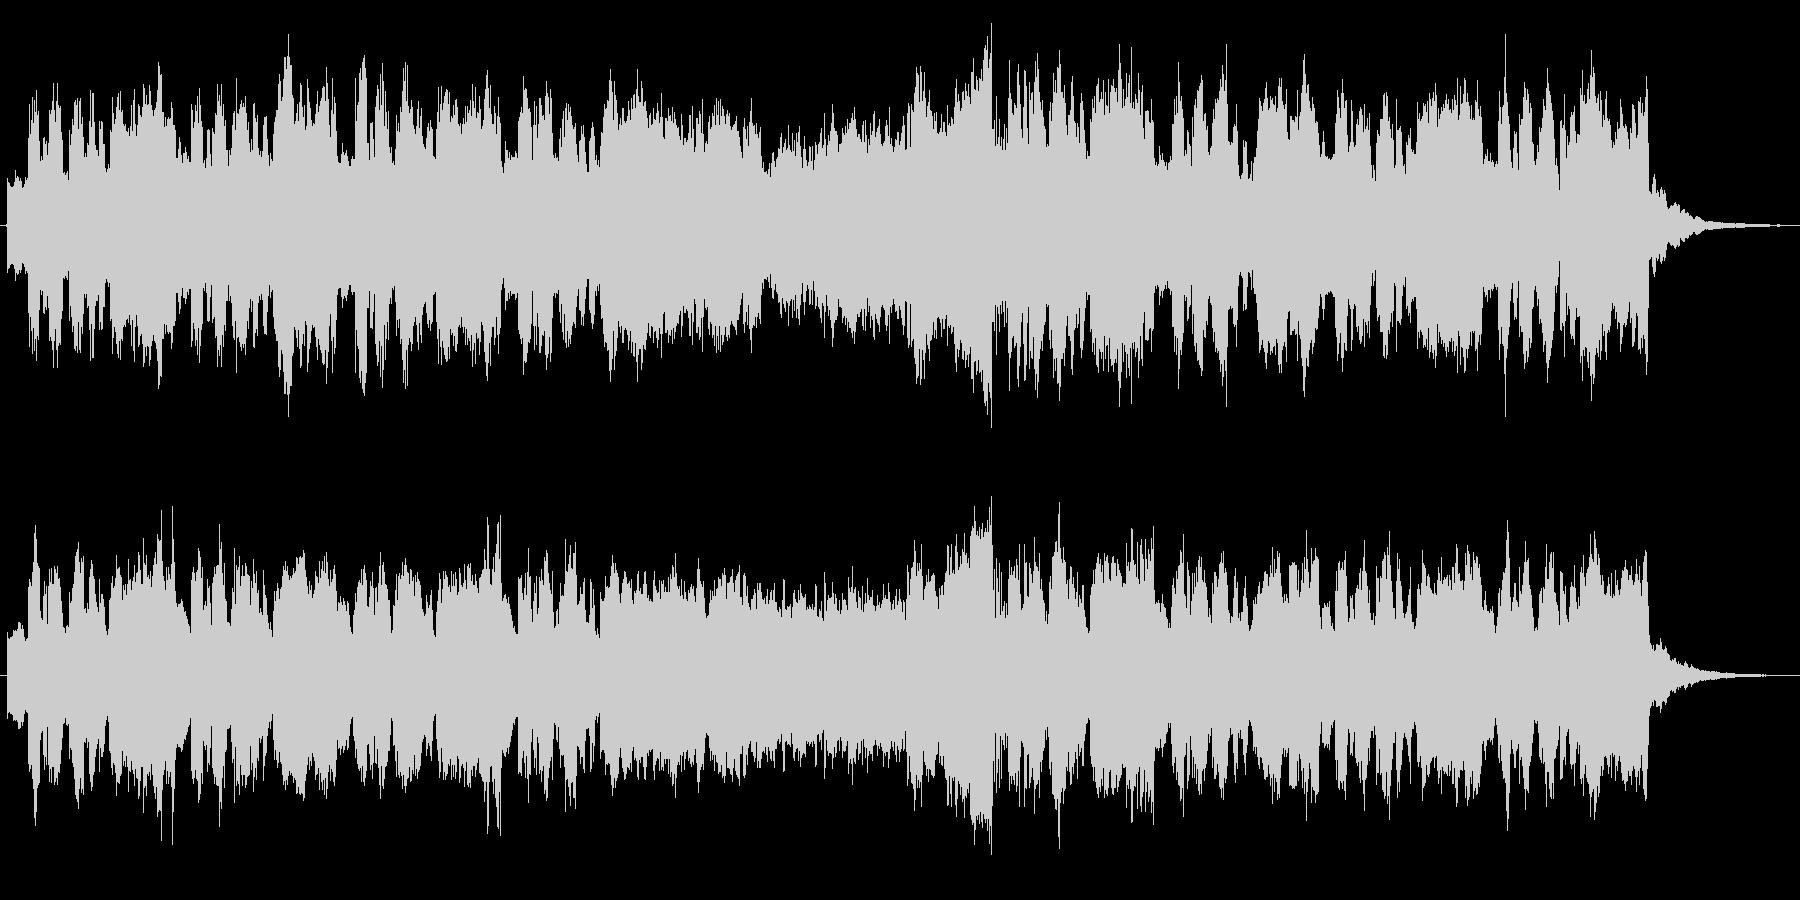 ファンファーレチックなシンセブラスの未再生の波形